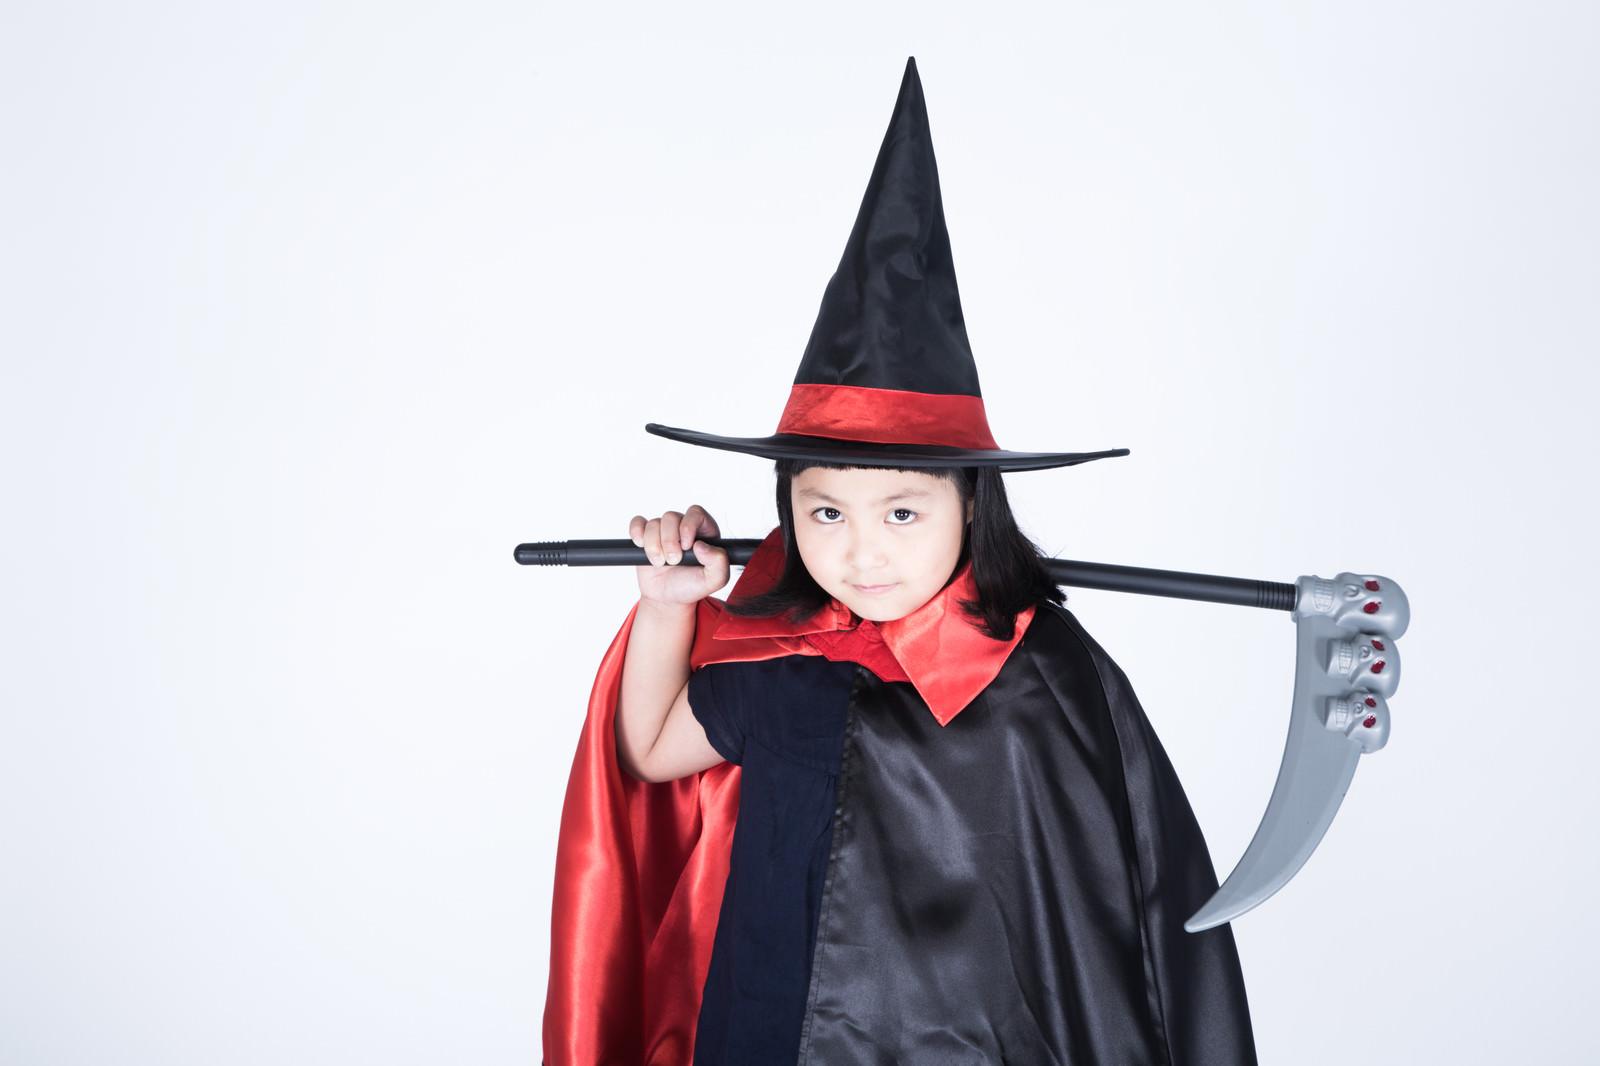 「魔女の仮装をした娘に死神の鎌を持たせてみました魔女の仮装をした娘に死神の鎌を持たせてみました」[モデル:ゆうき]のフリー写真素材を拡大